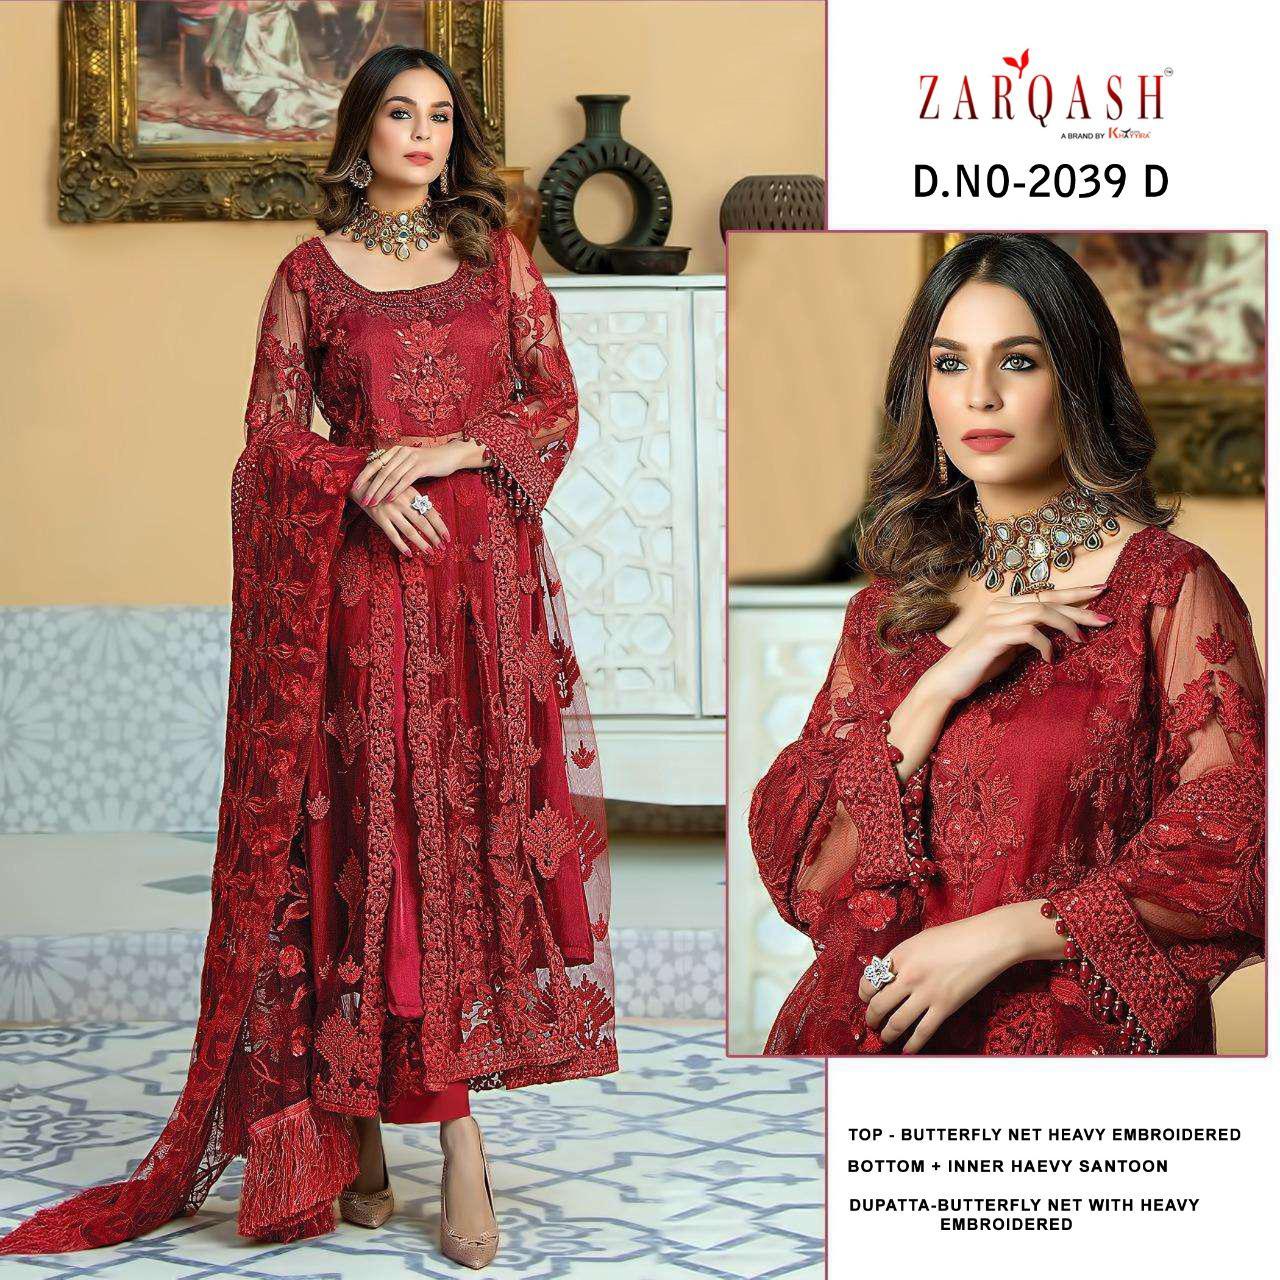 Zarqash Firdous Dn-2039 Designer Butterfly Net Suit